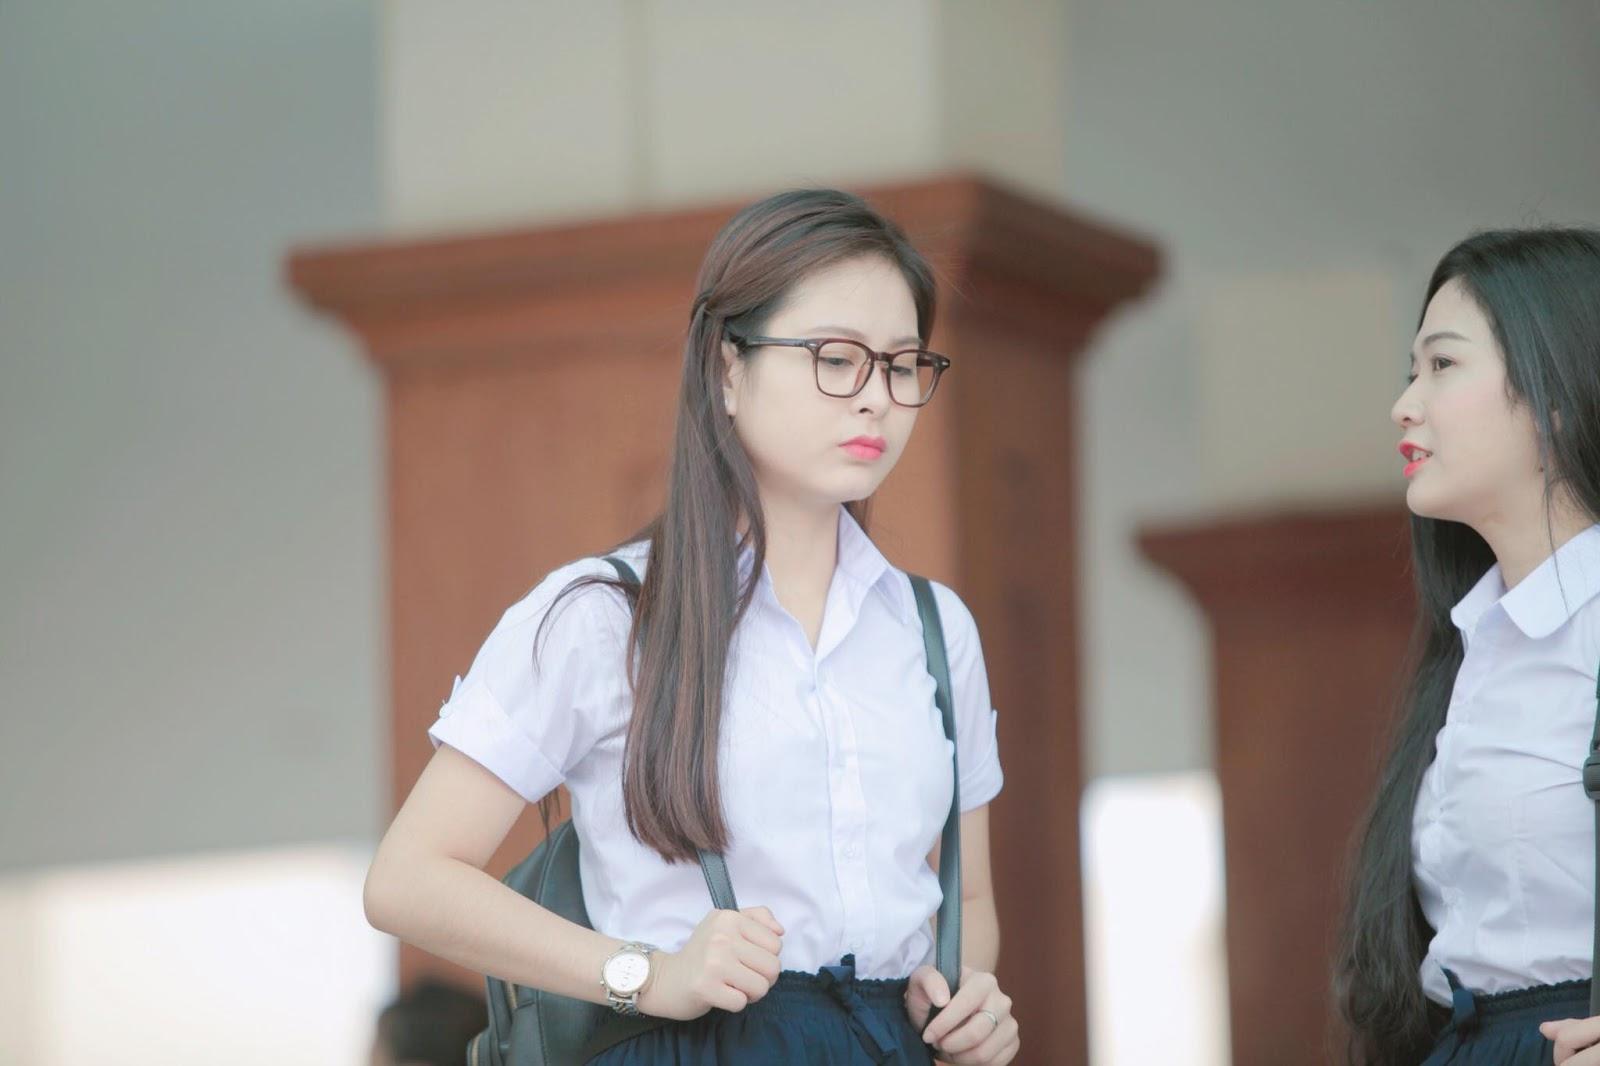 anh do thu faptv 2016 19 - HOT Girl Đỗ Thư FAPTV Gợi Cảm Quyến Rũ Mũm Mĩm Đáng Yêu